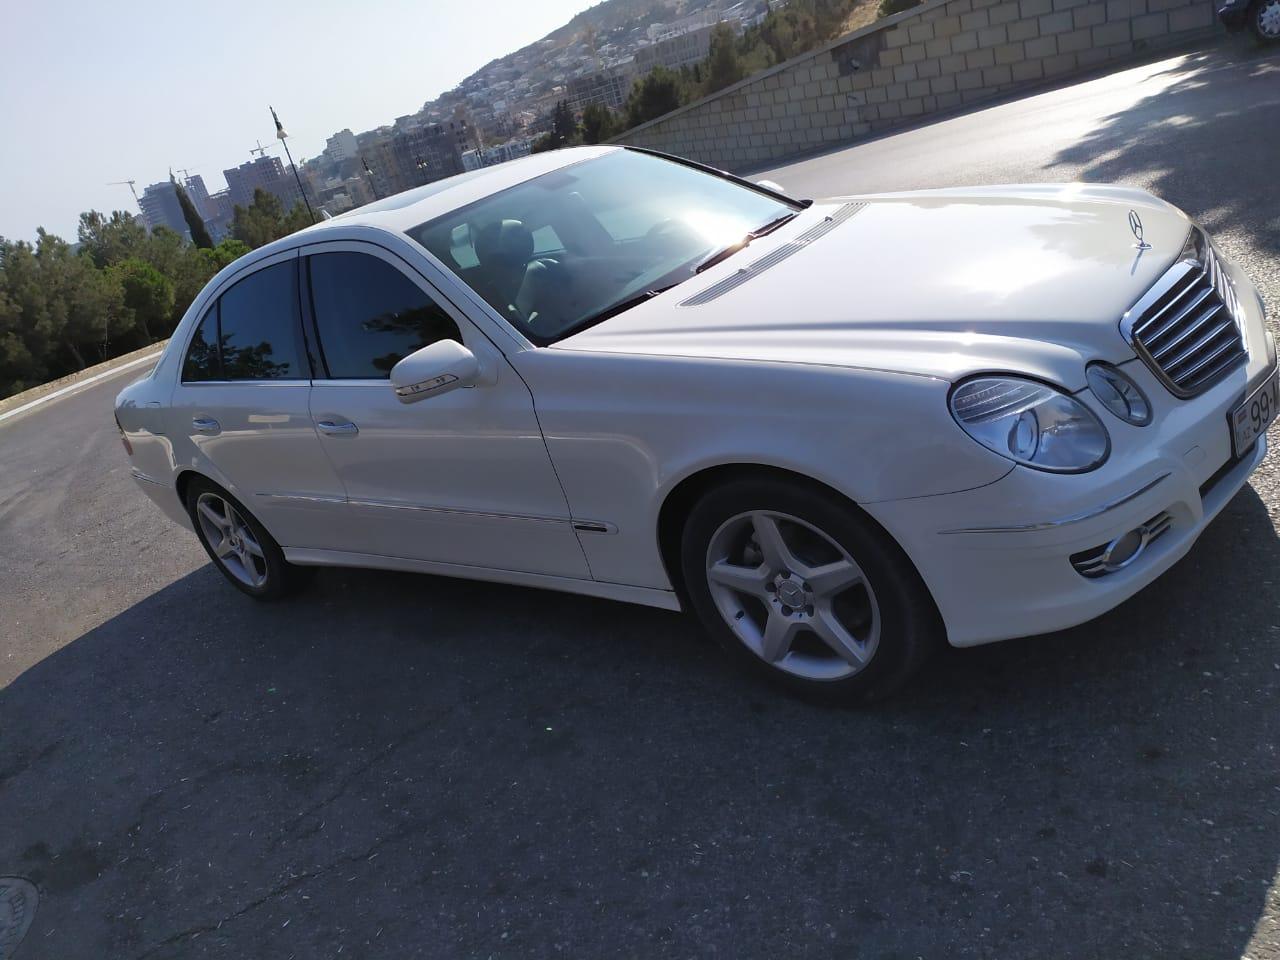 Mercedes-Benz E 220 2.2(lt) 2007 Second hand  $19700